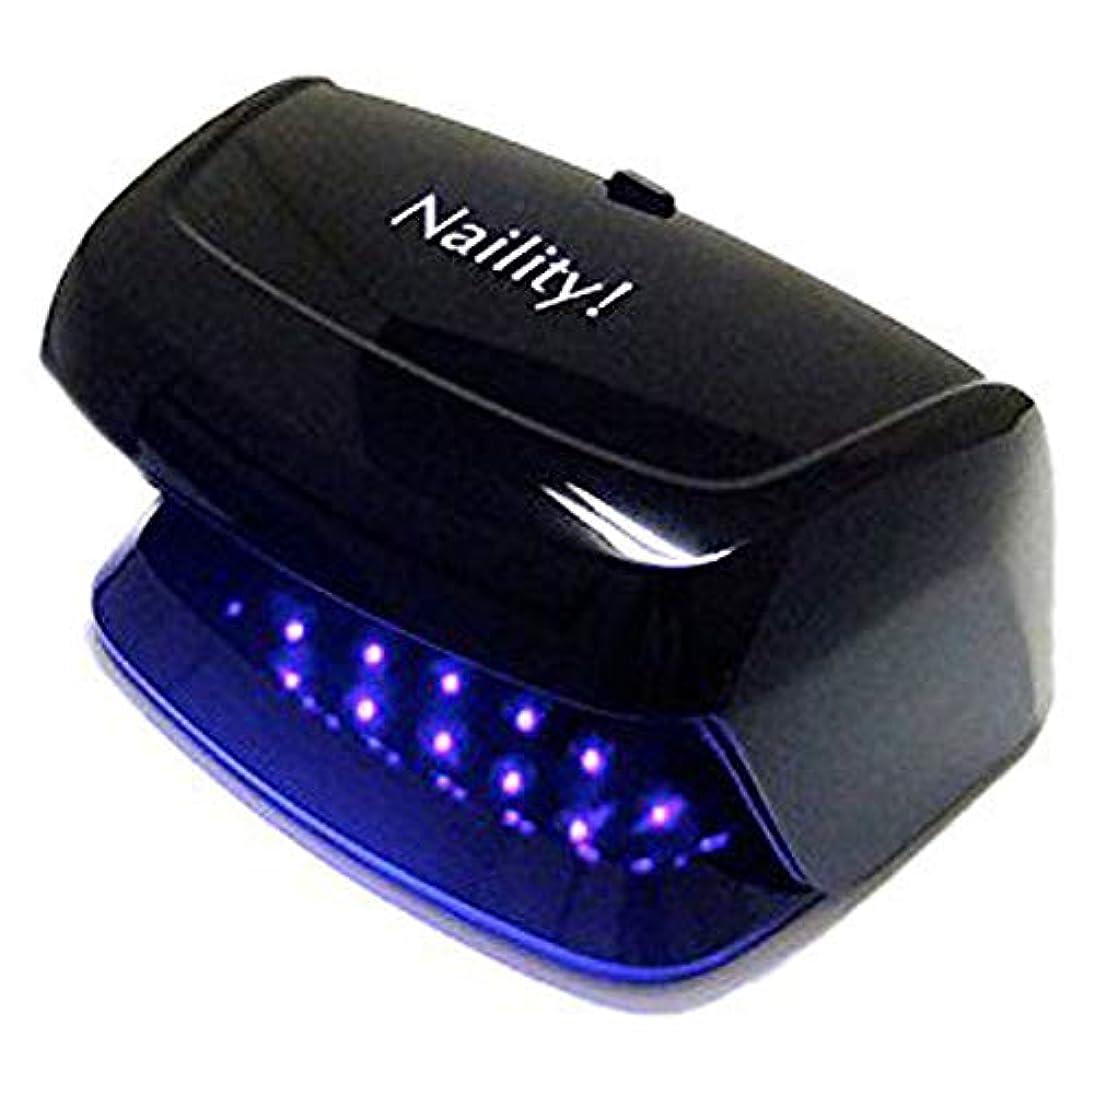 説明的固める極端なNaility!(ネイリティ!) Naility! LEDライト 3W /Black ジェルネイル 1個